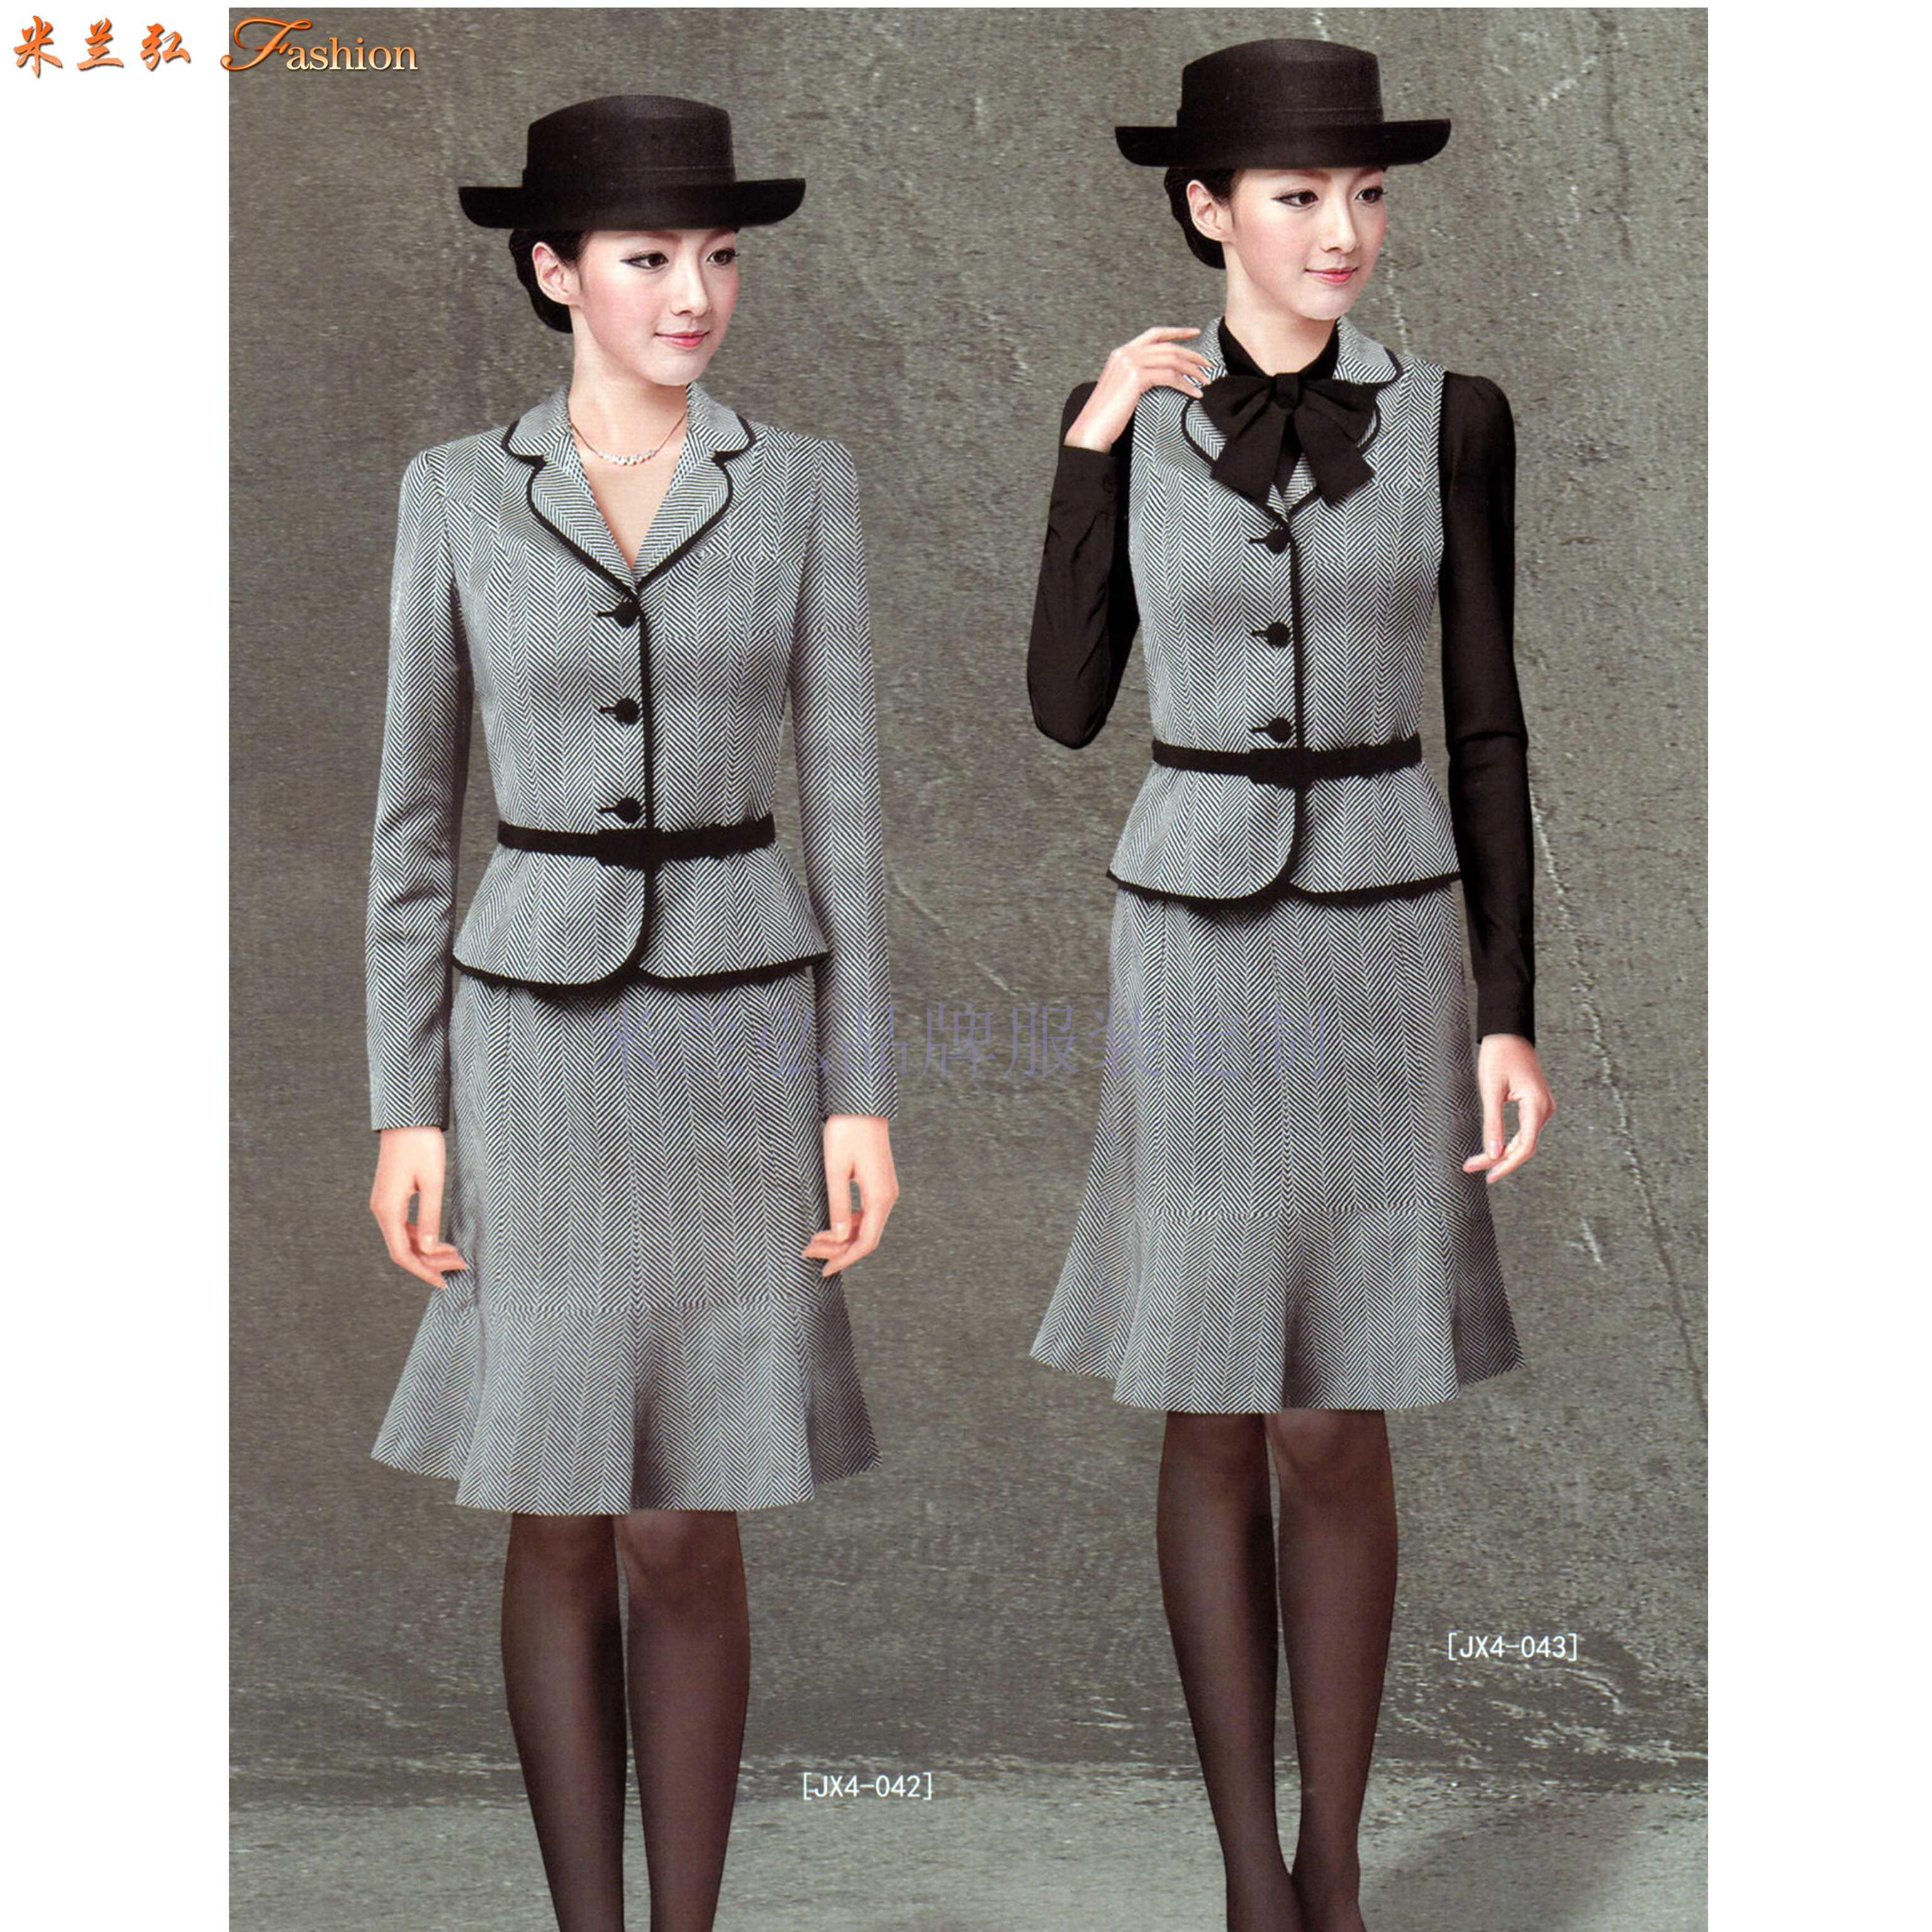 女士冬季職業裝搭配款式套裝_新款潮流女式職業裝-米蘭弘職業裝-3